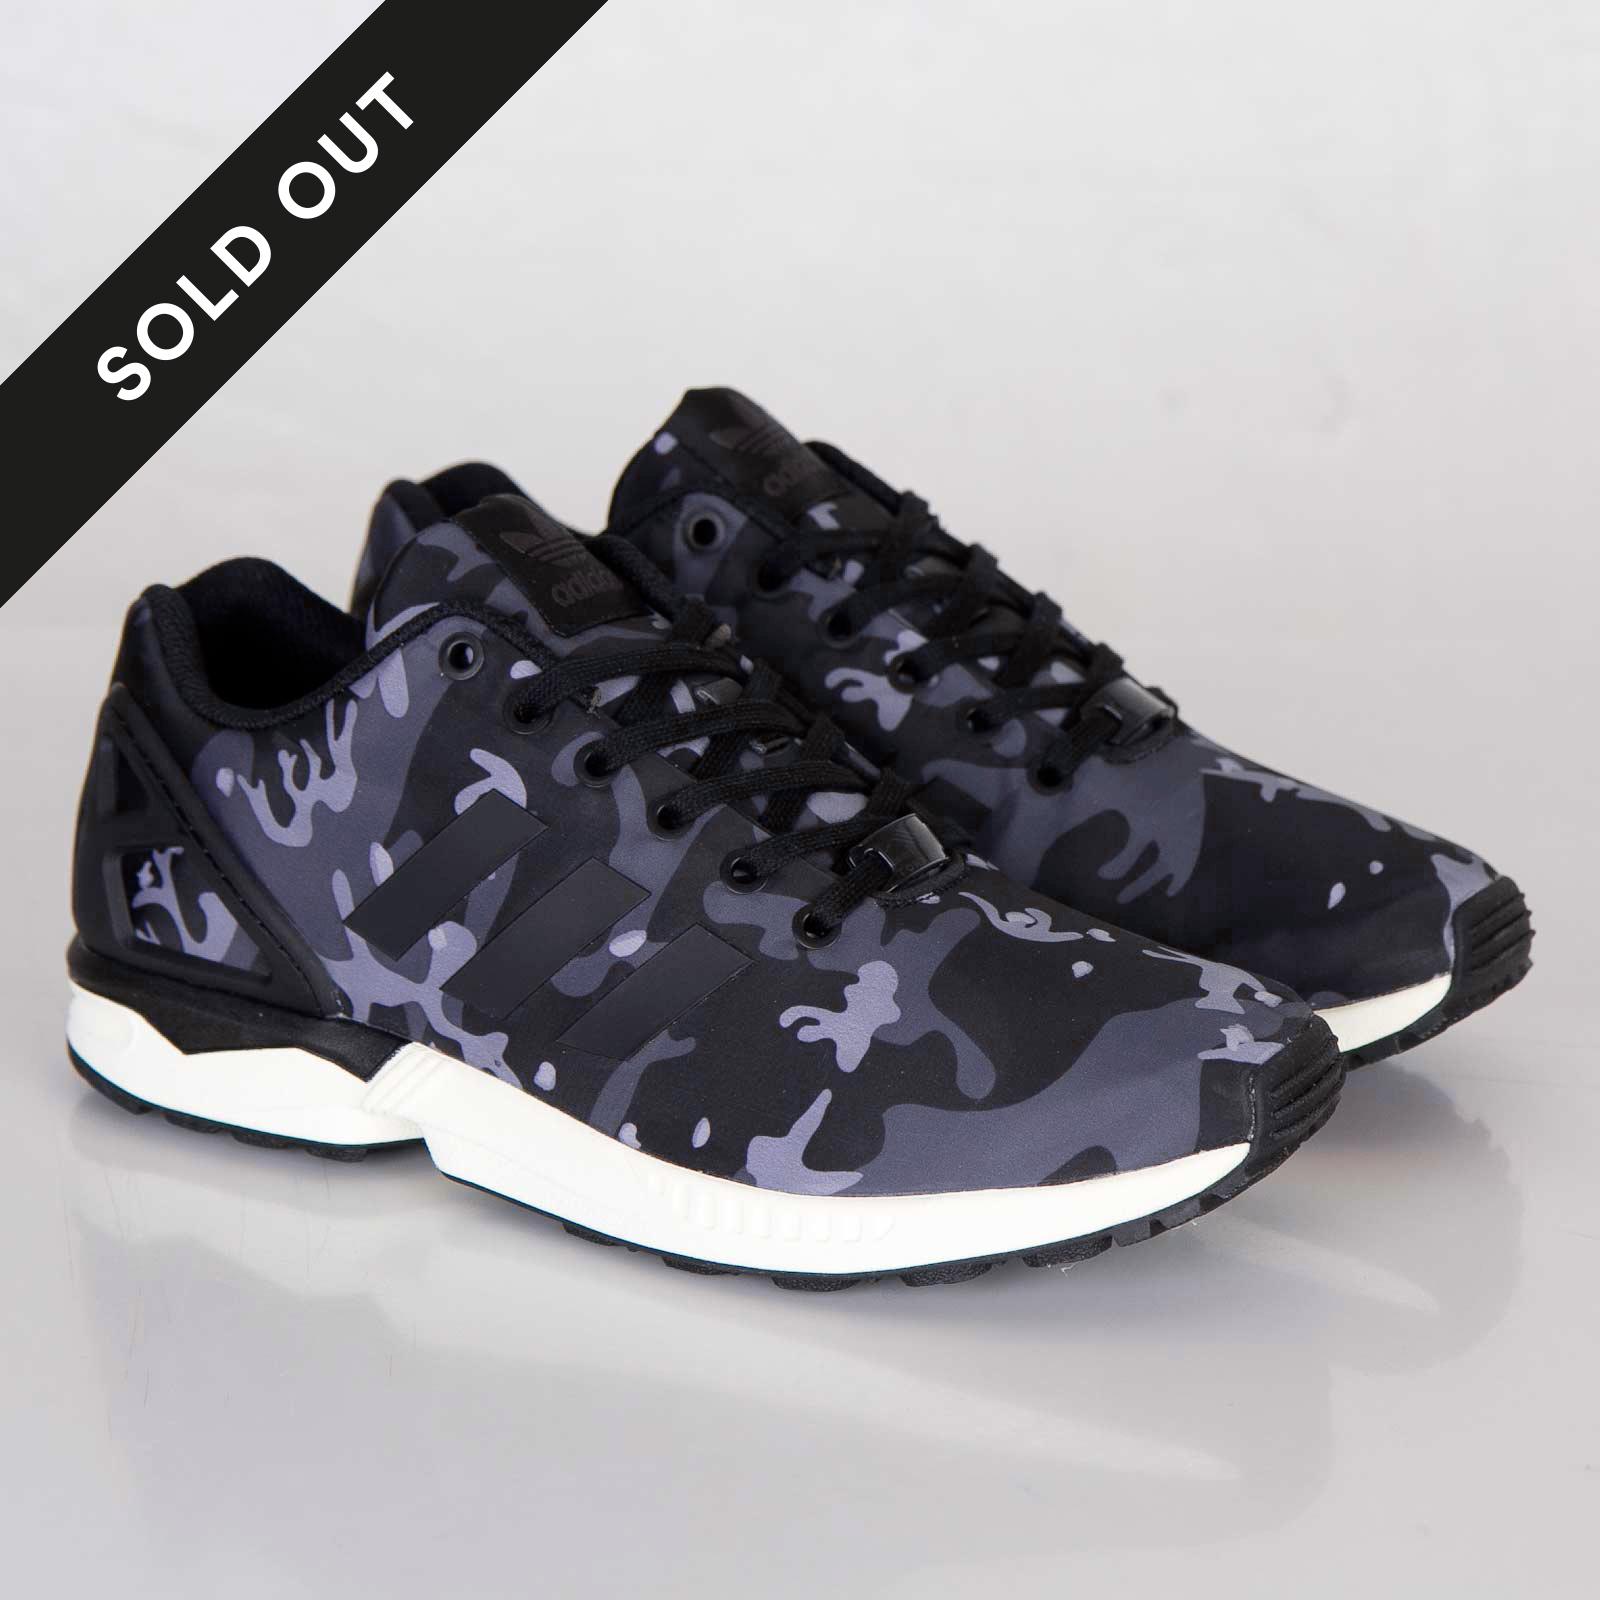 1853590420aee adidas ZX Flux - Camo - M29086 - Sneakersnstuff | sneakers & streetwear  online since 1999